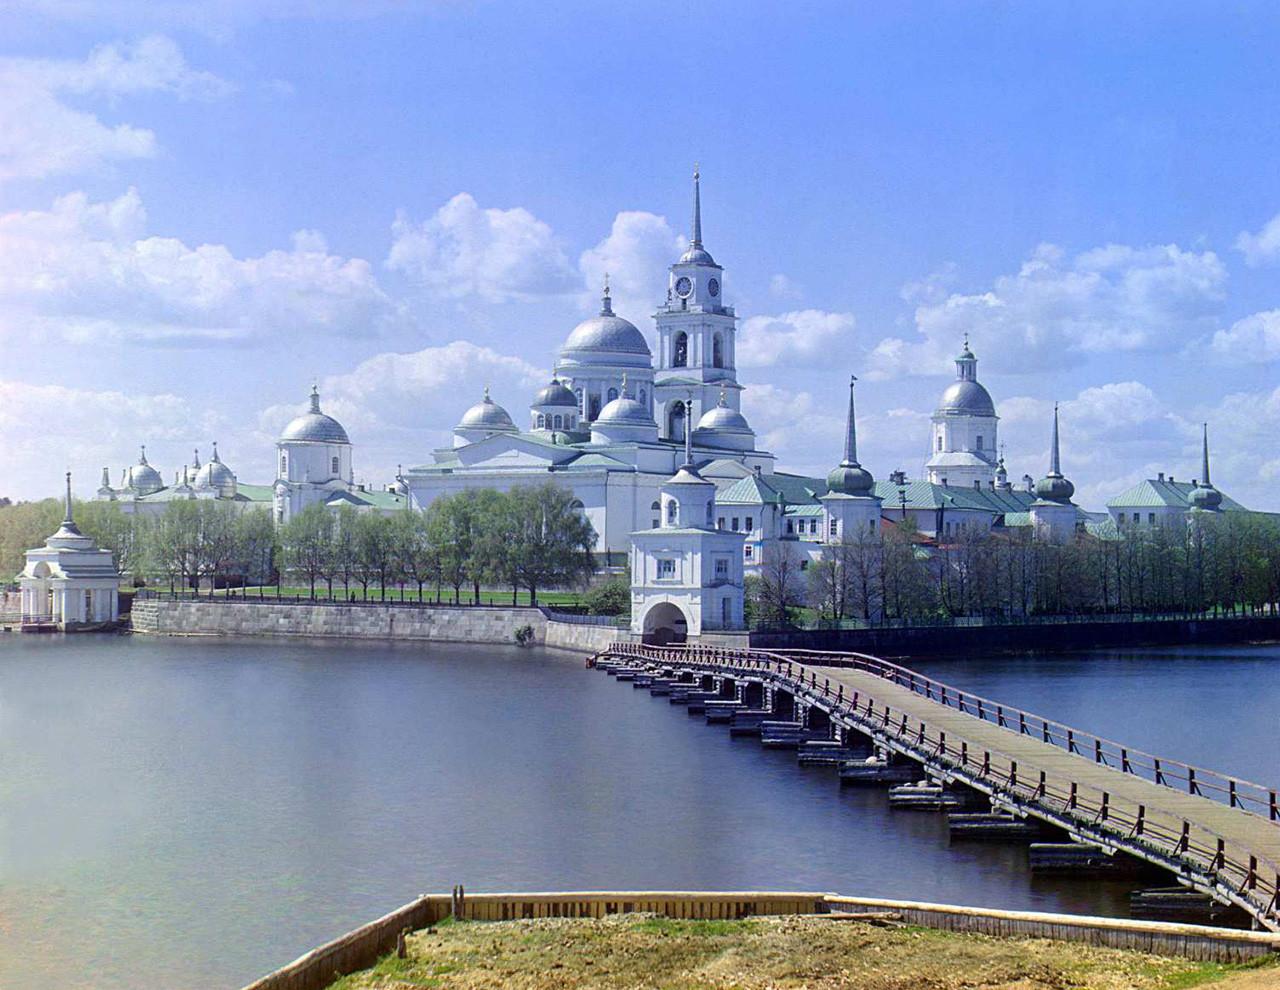 El monasterio Nílov situado en la isla de Stolobni en la región de Tver en Rusia.